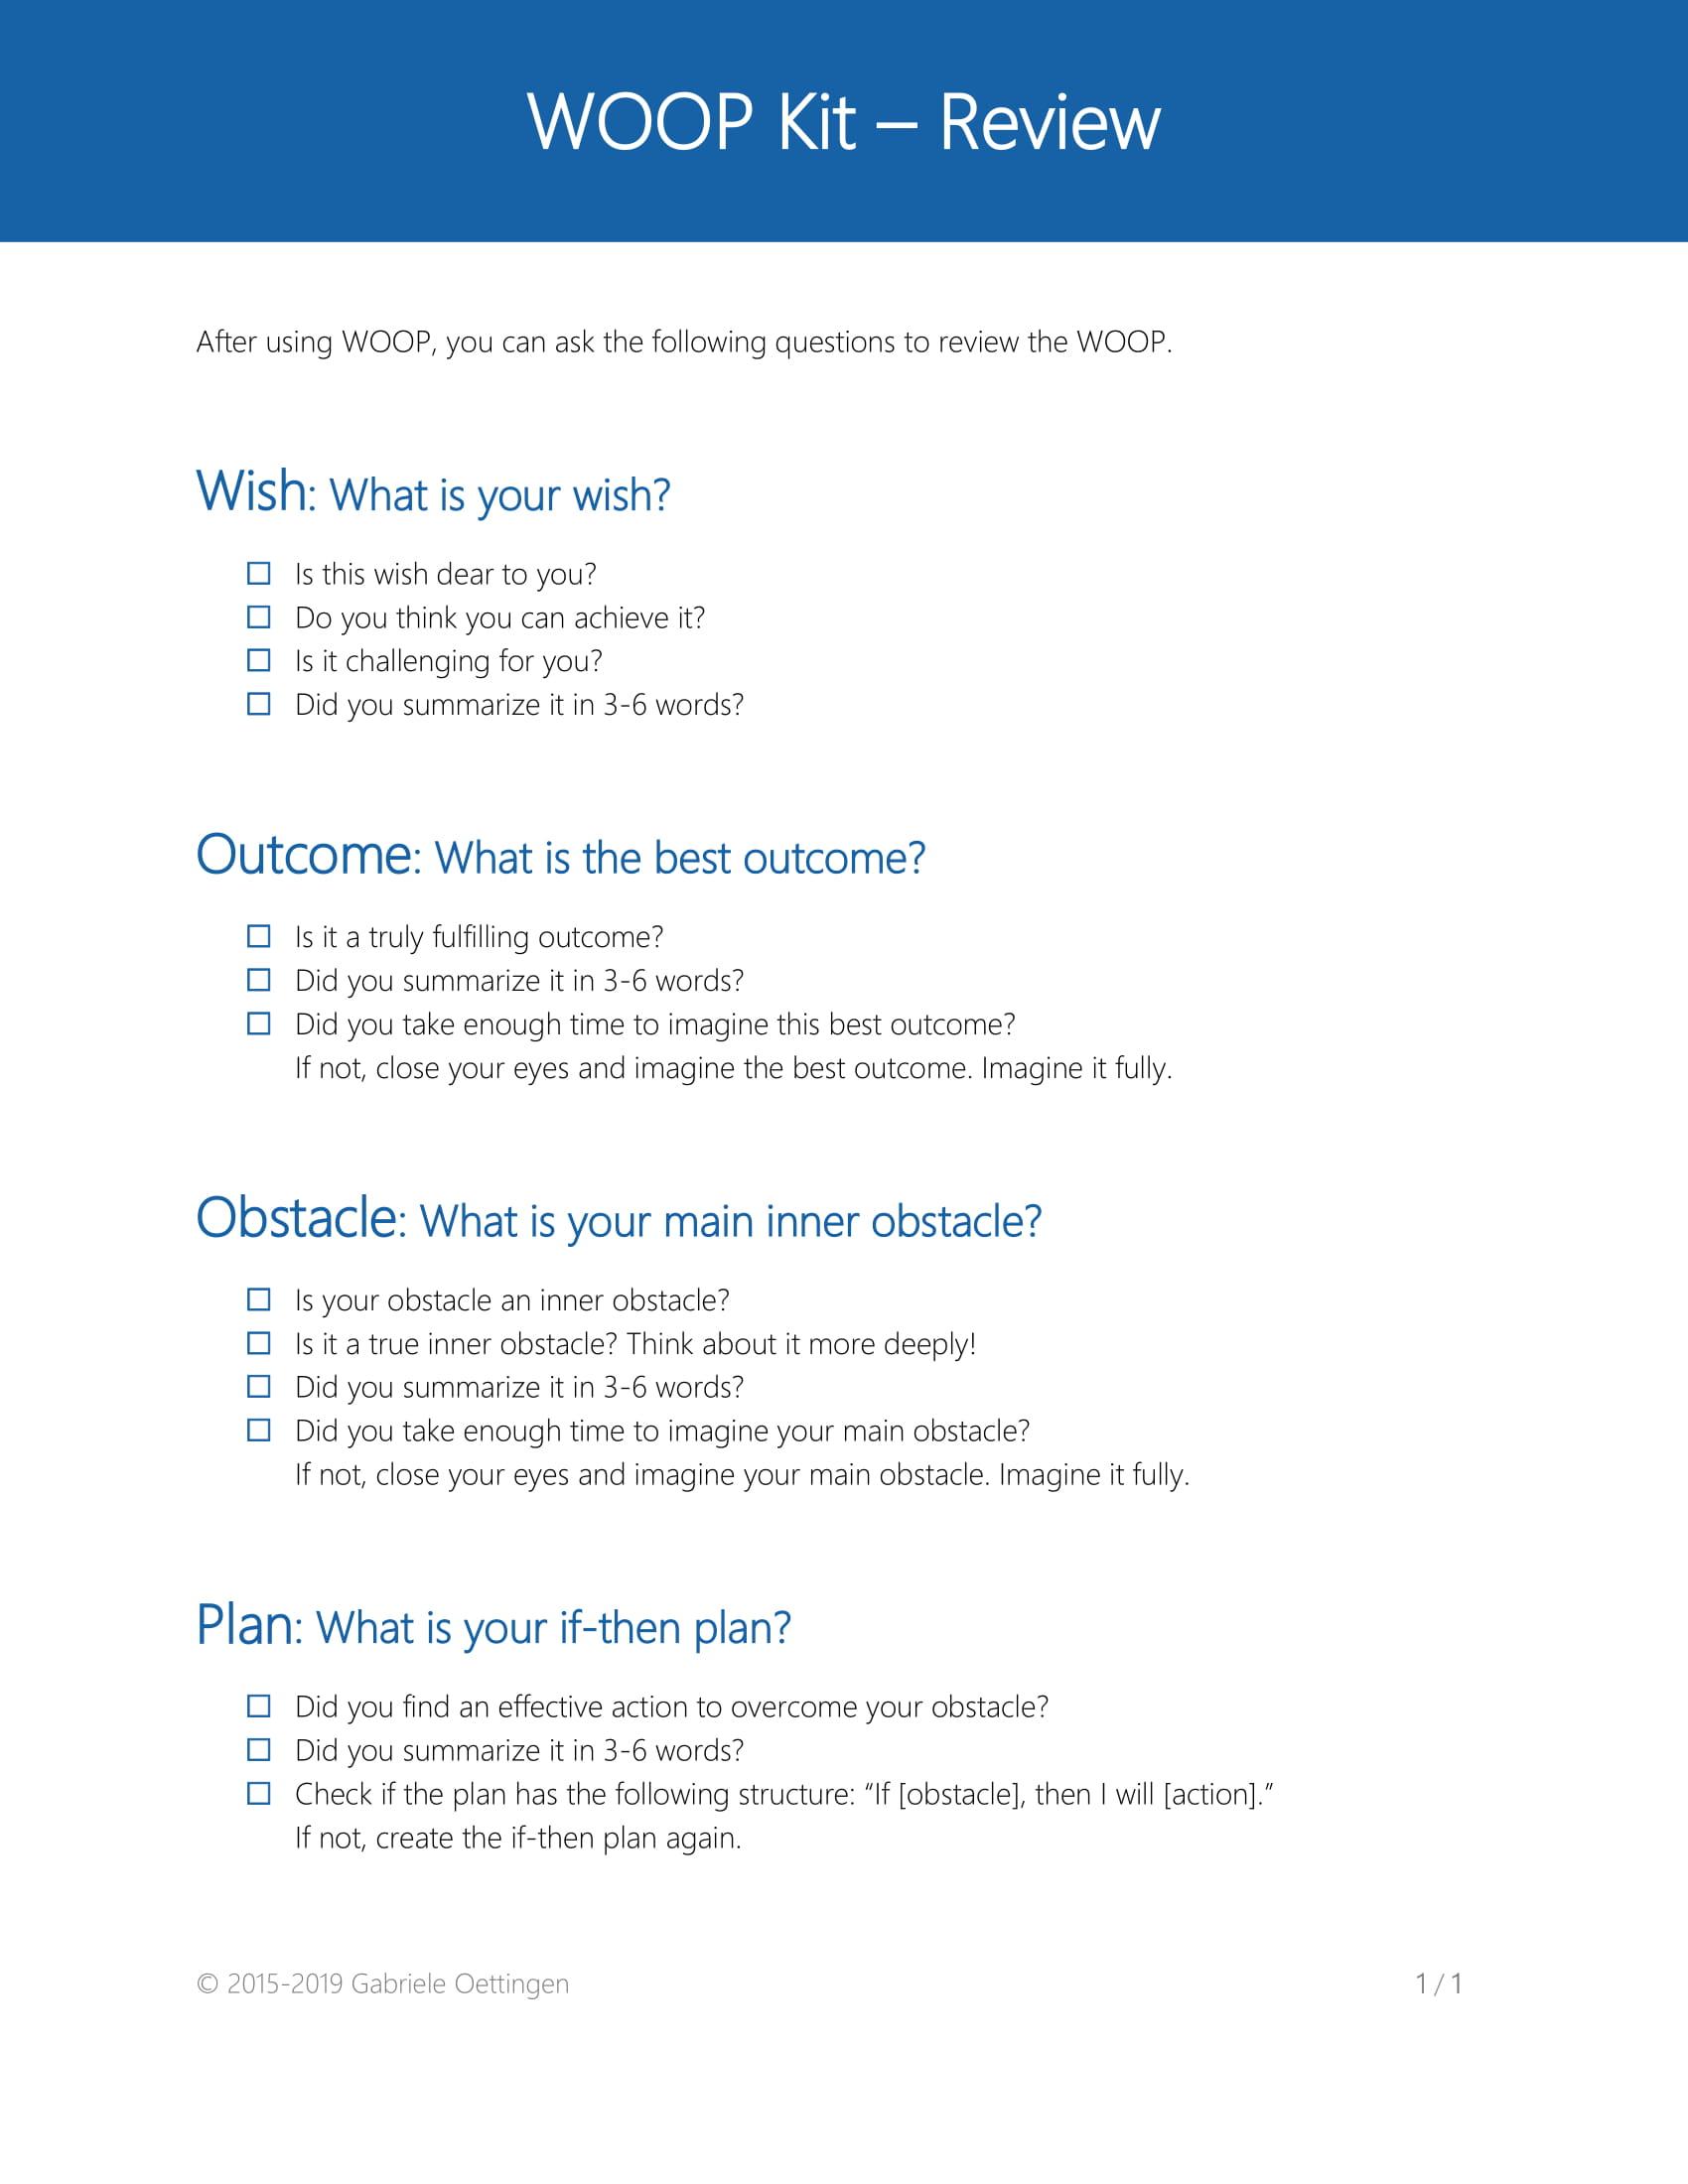 4 WOOP Review [Kit - EN]-1.jpg